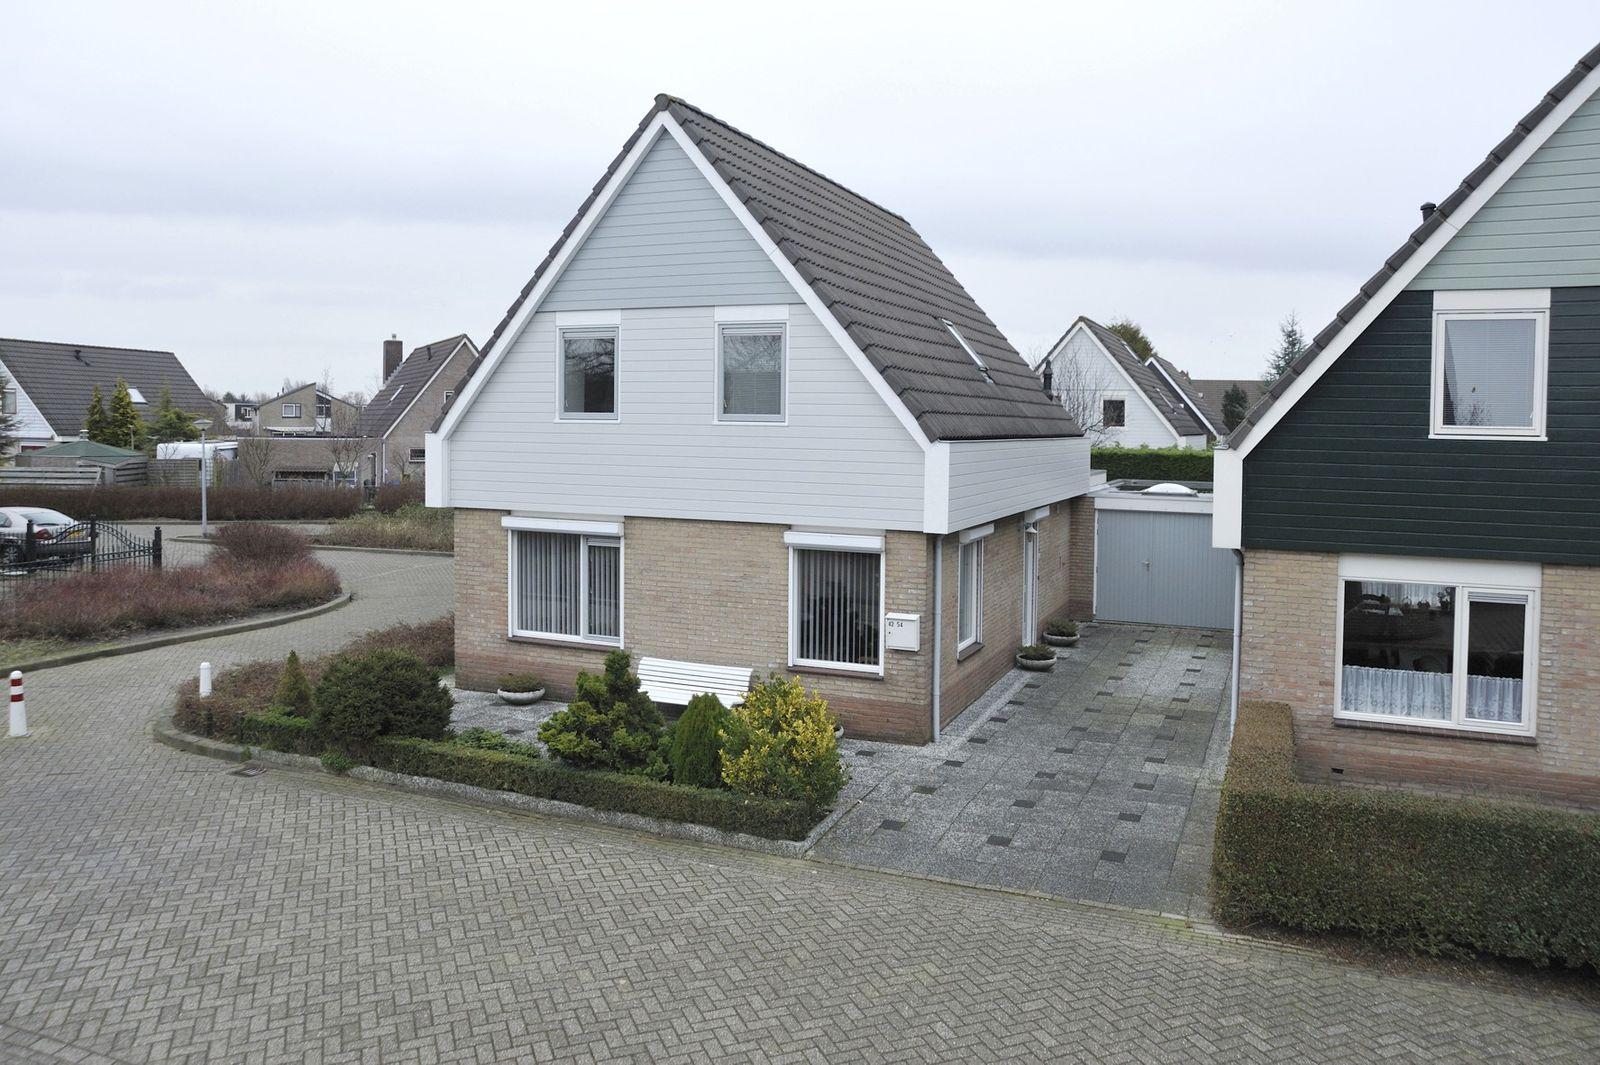 Schoener 42 54, Lelystad